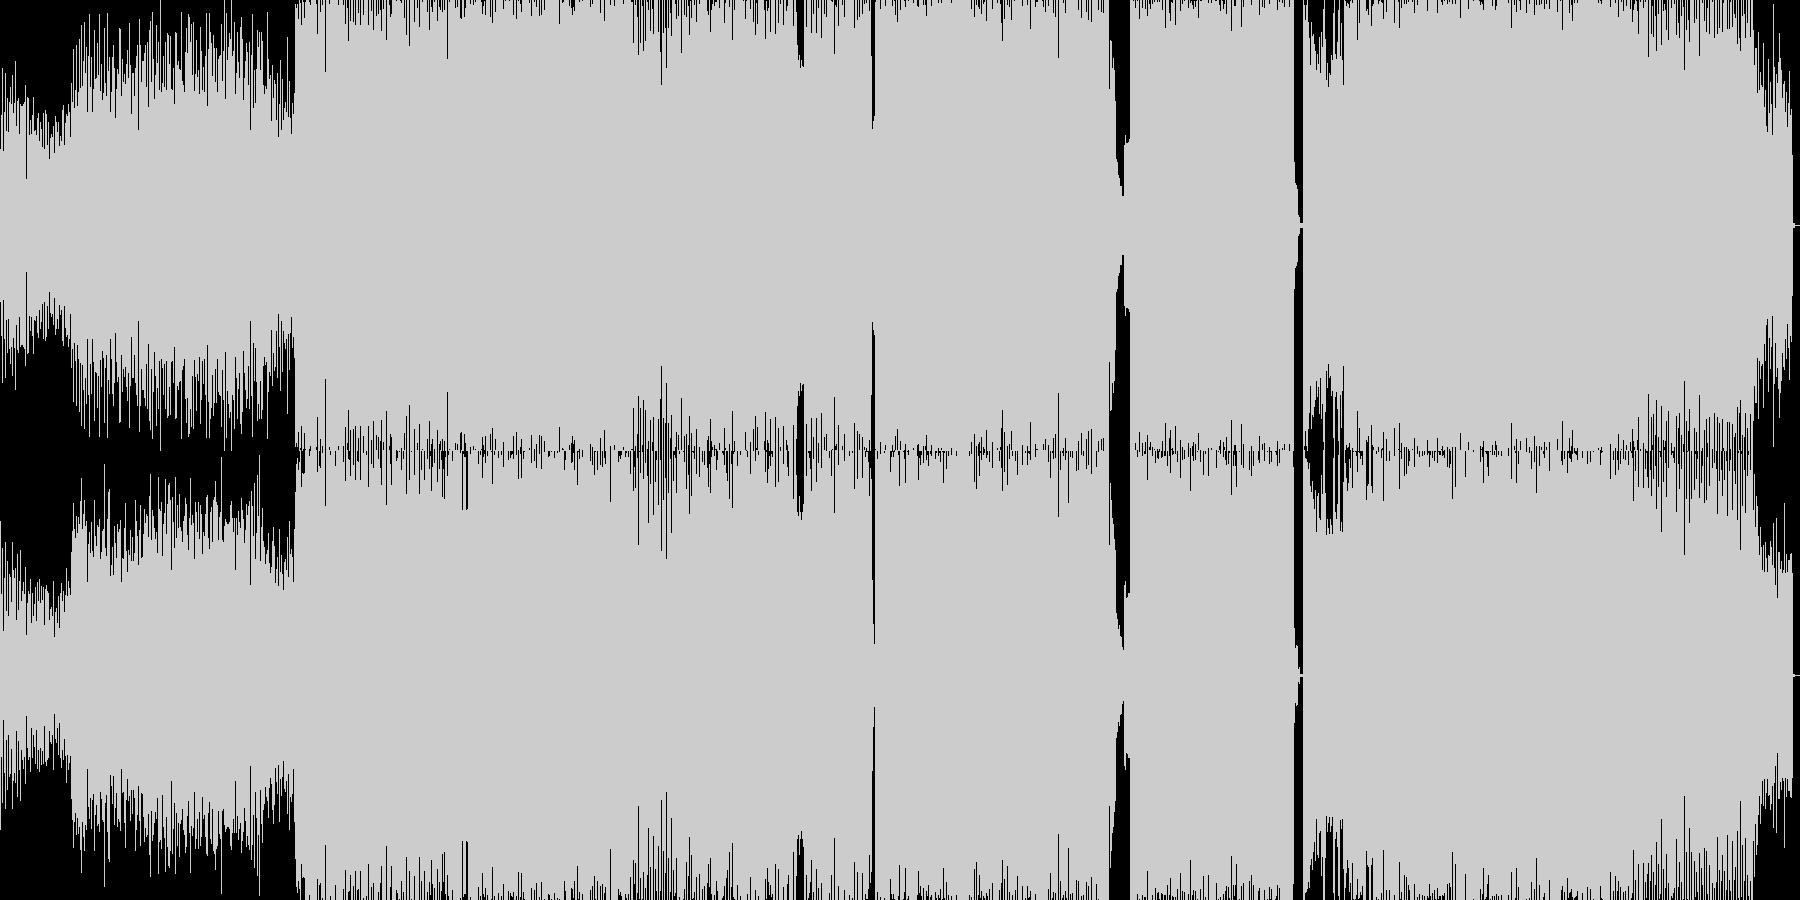 洋楽っぽいダンス楽曲の未再生の波形